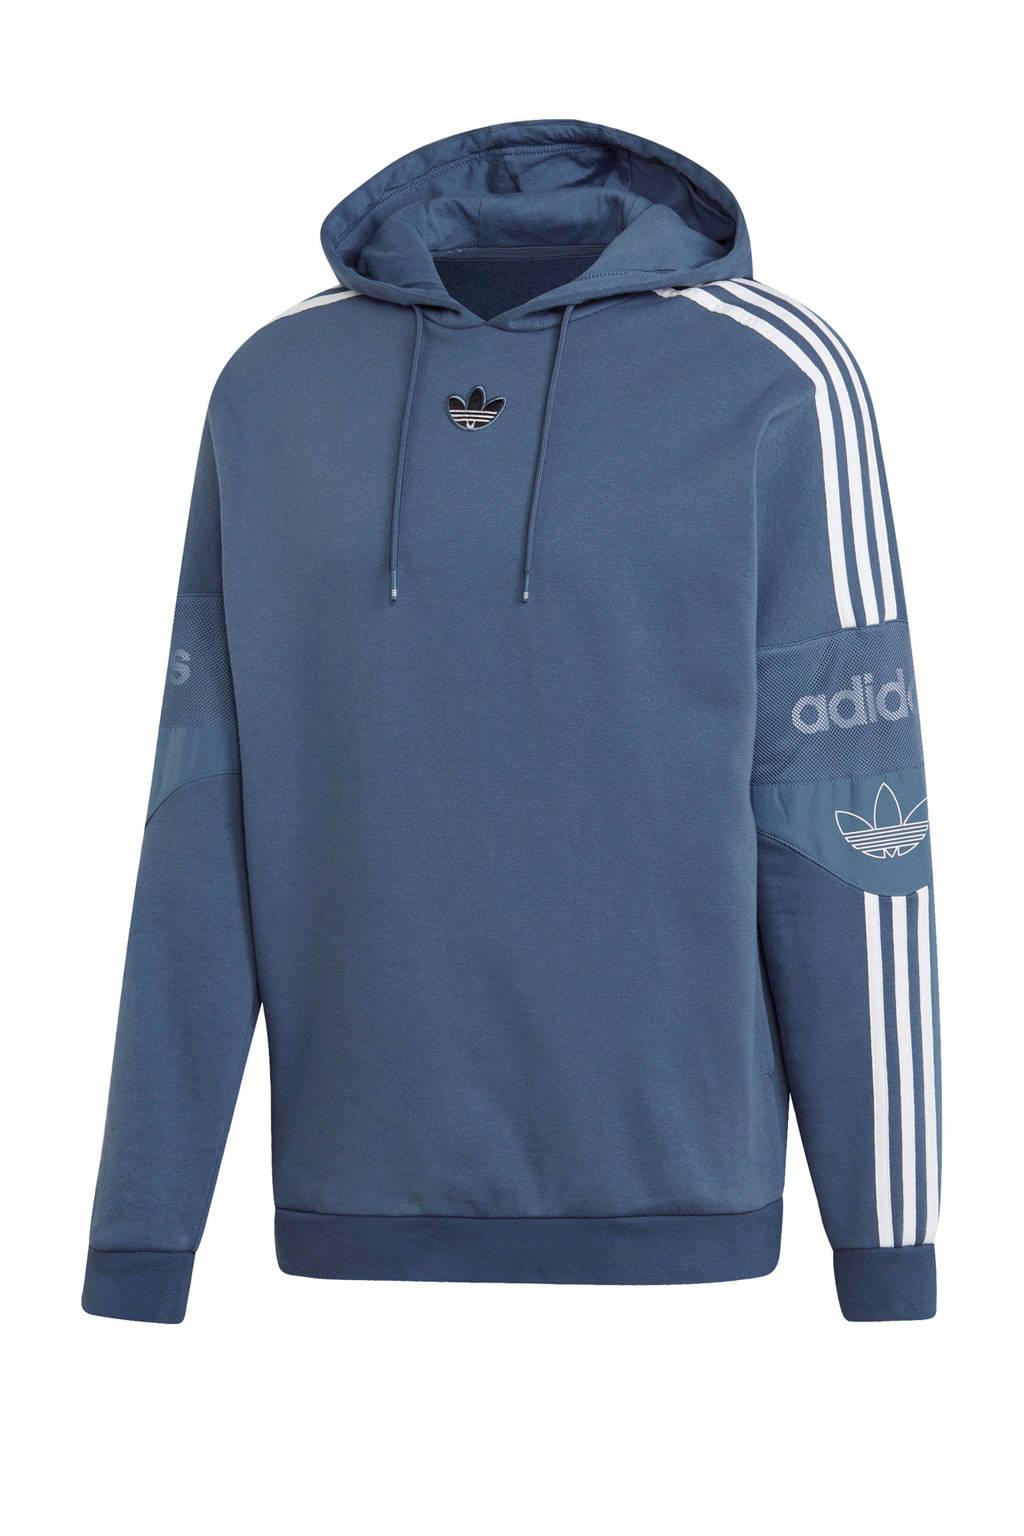 adidas Originals   hoodie grijsblauw, Grijsblauw/wit